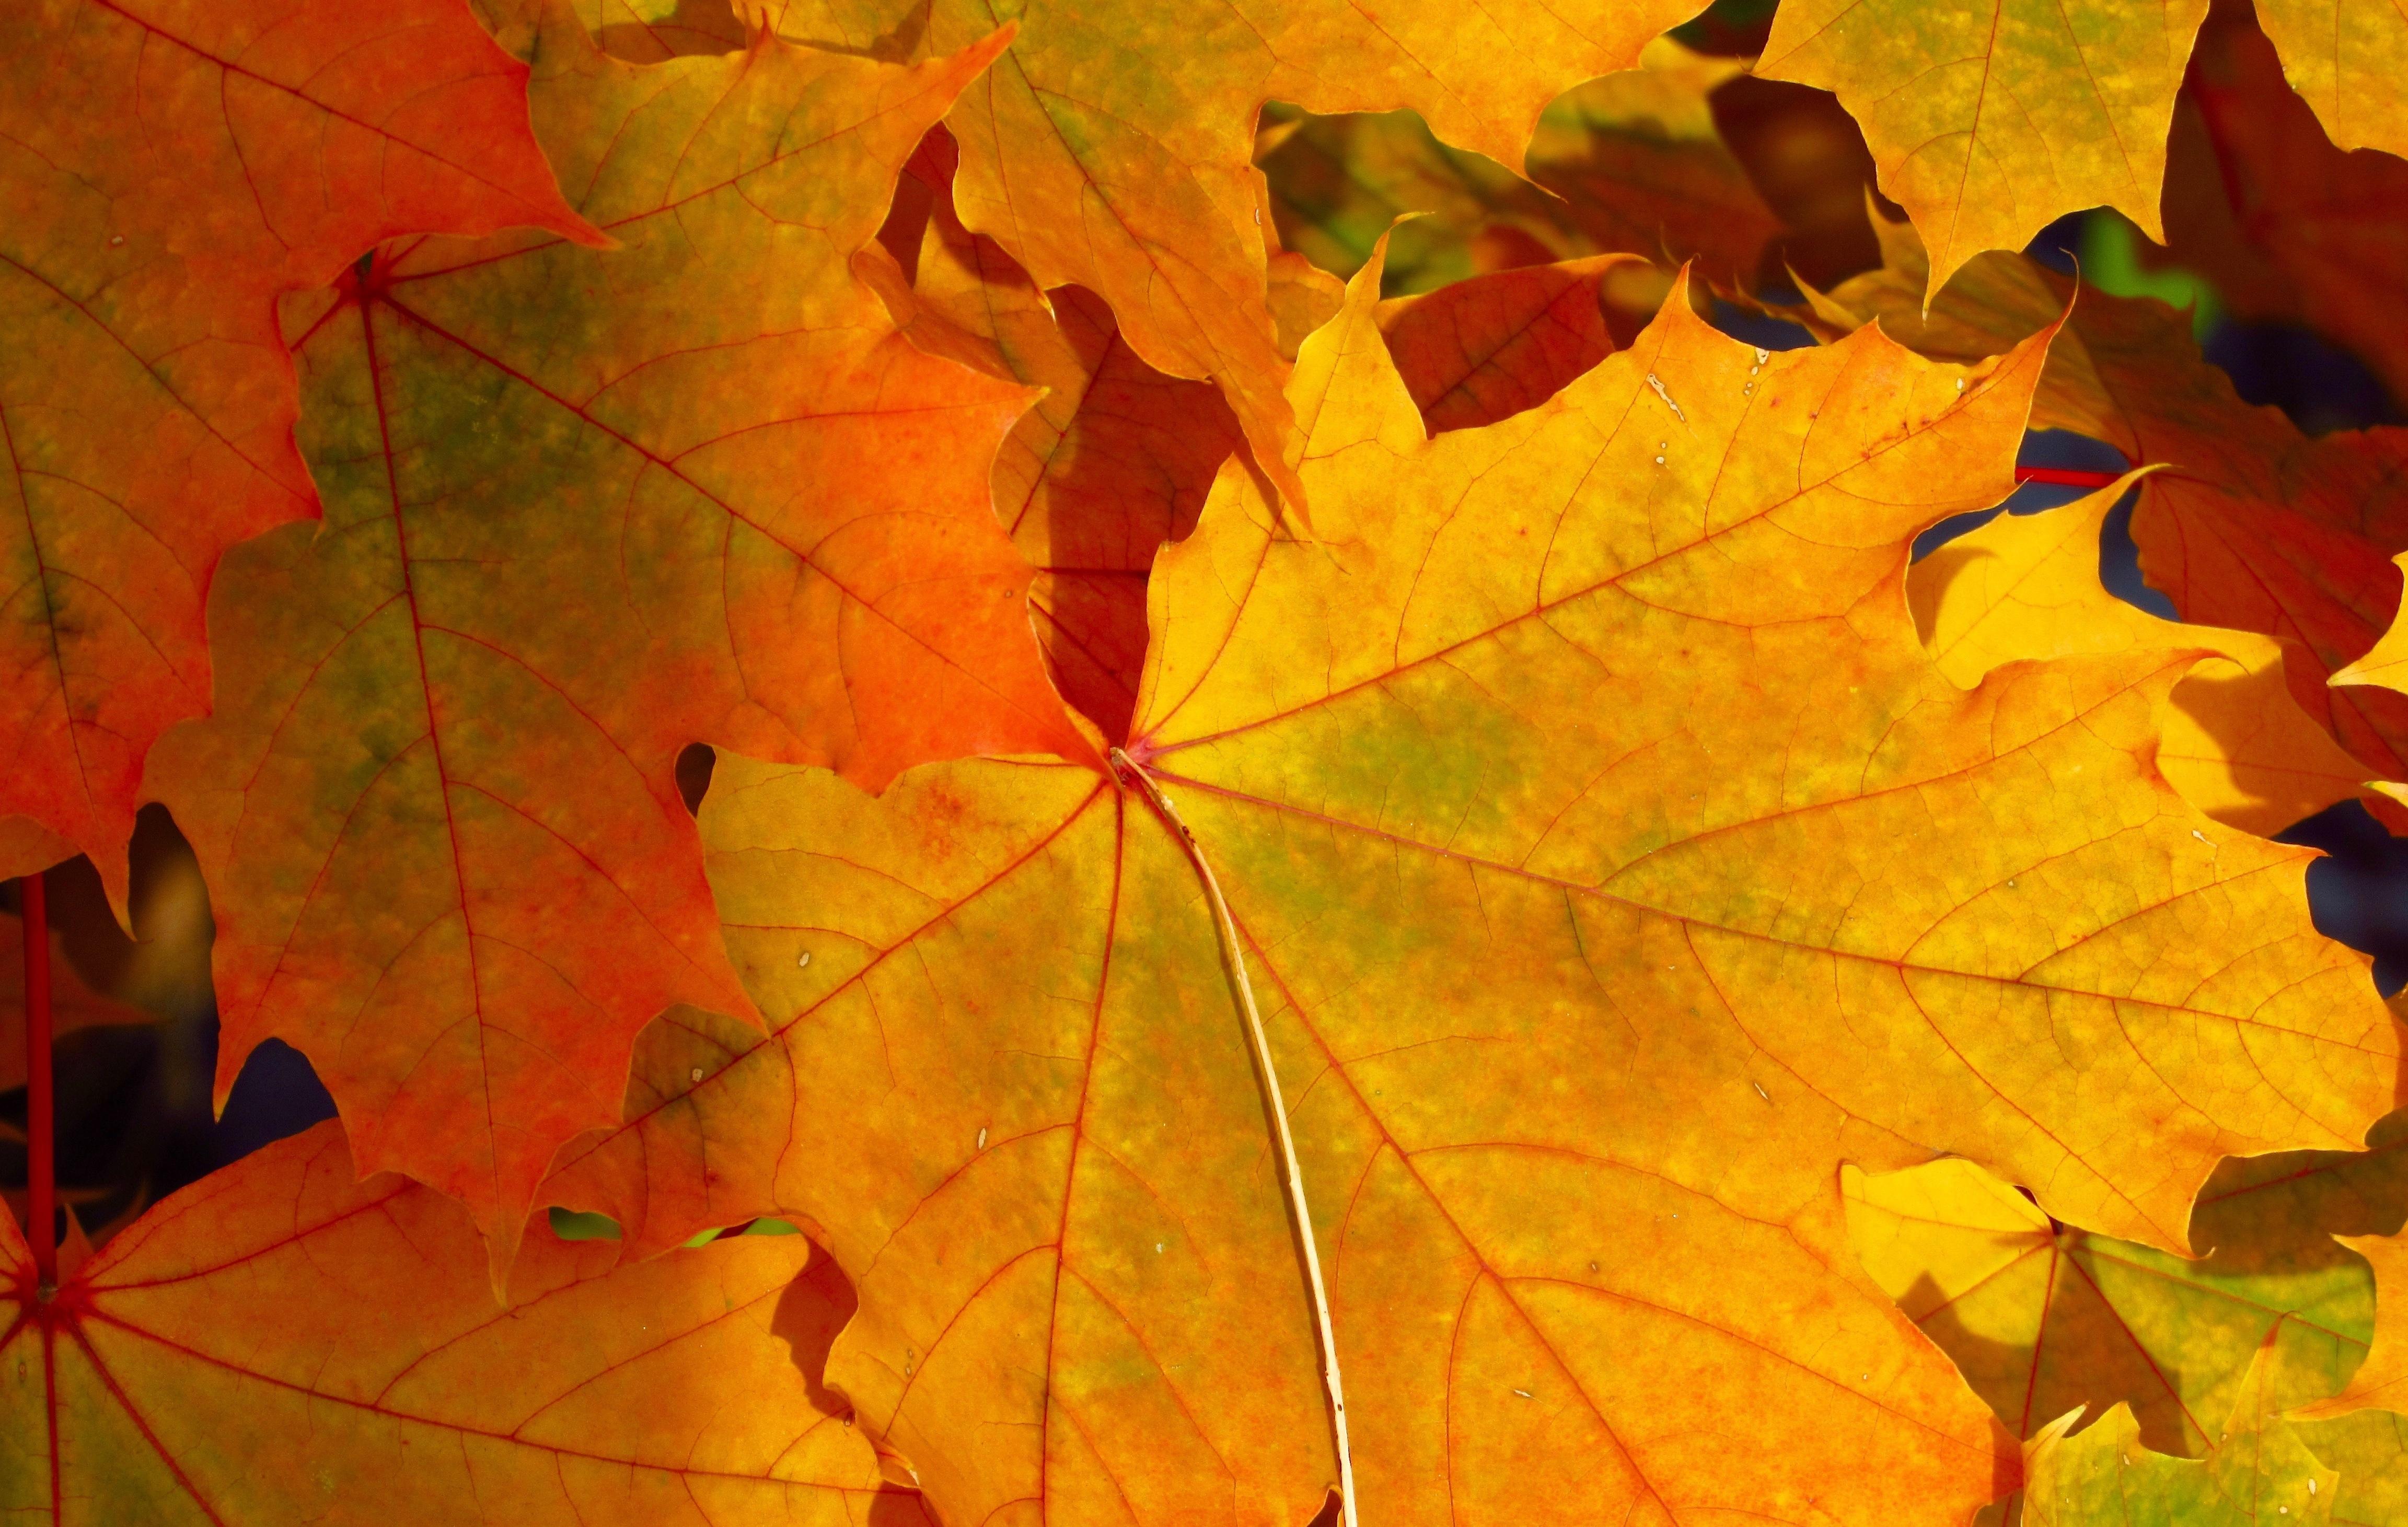 вдруг картинки про листья рамки для